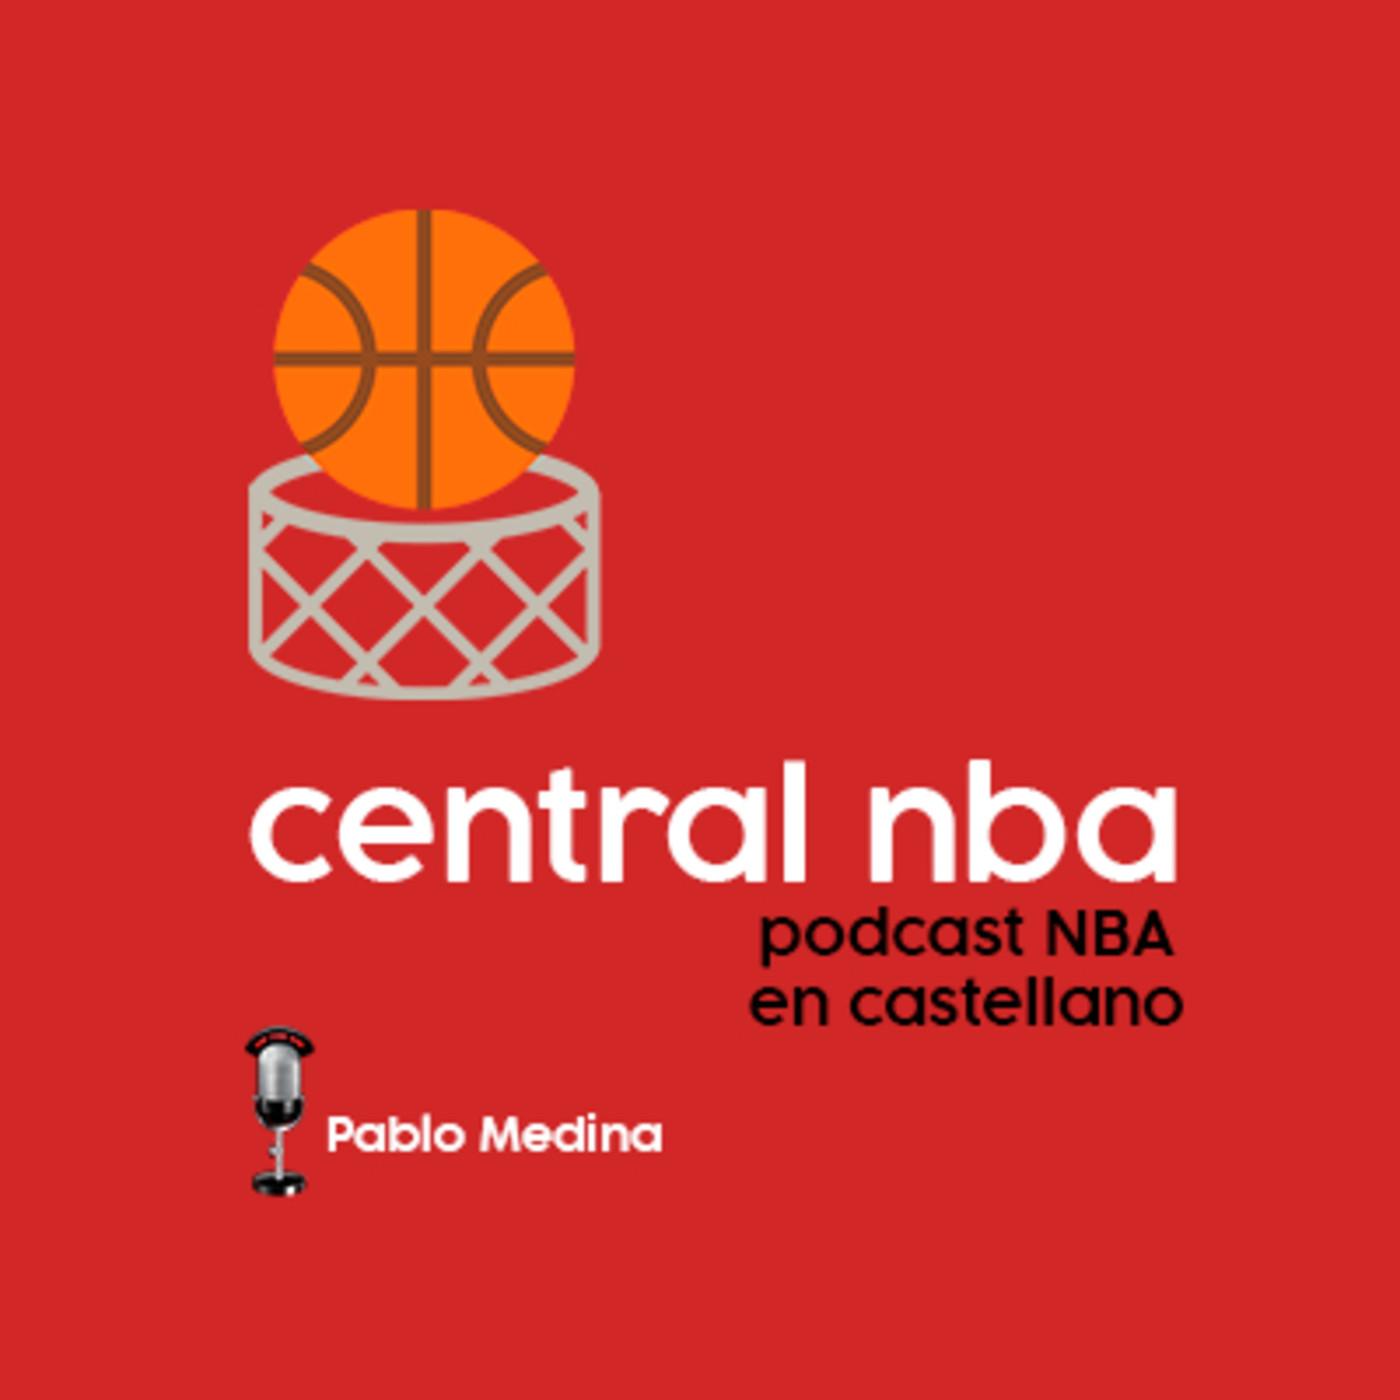 PREVIA LOS ANGELES LAKERS vs DENVER NUGGETS (FINALES DE CONFERENCIA) - ANALIZAMOS TODO - CENTRAL NBA #36 (18/09/2020)